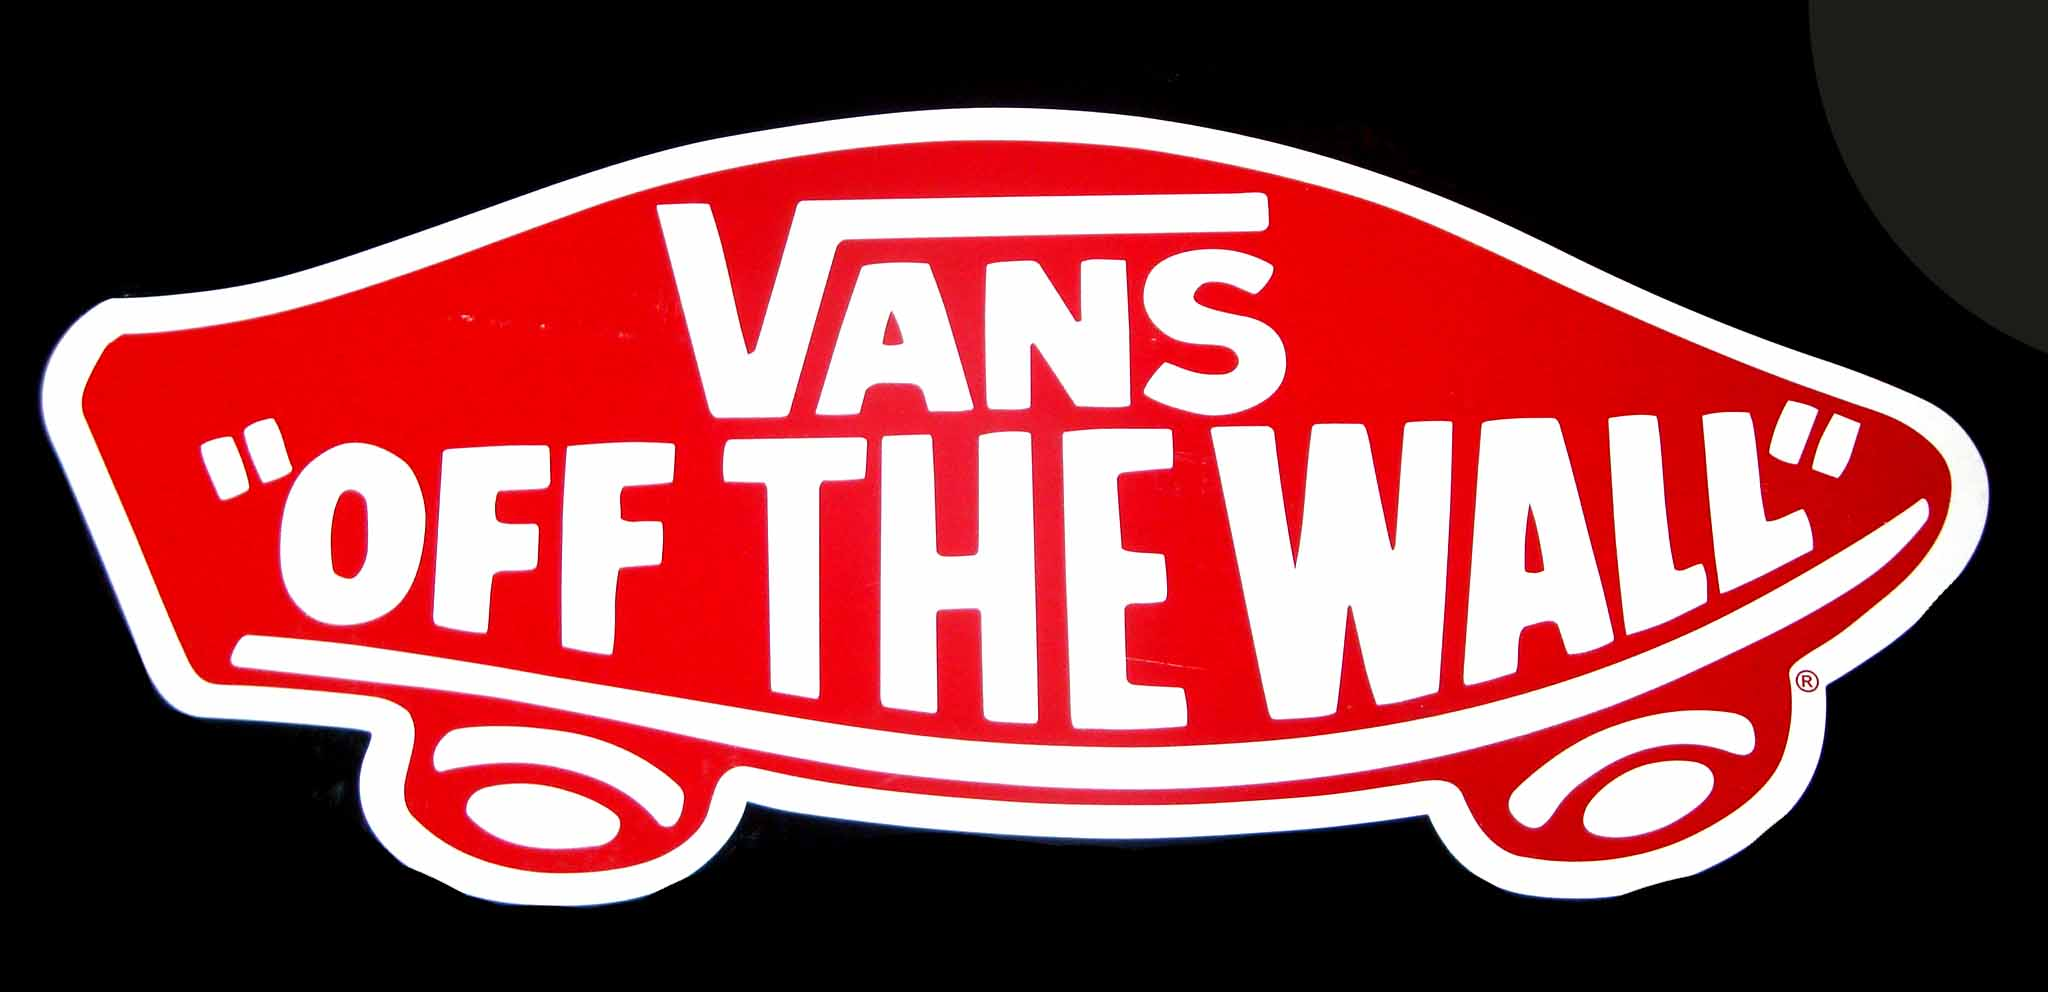 Pix For Vans Skateboard Logo Wallpaper 2048x992